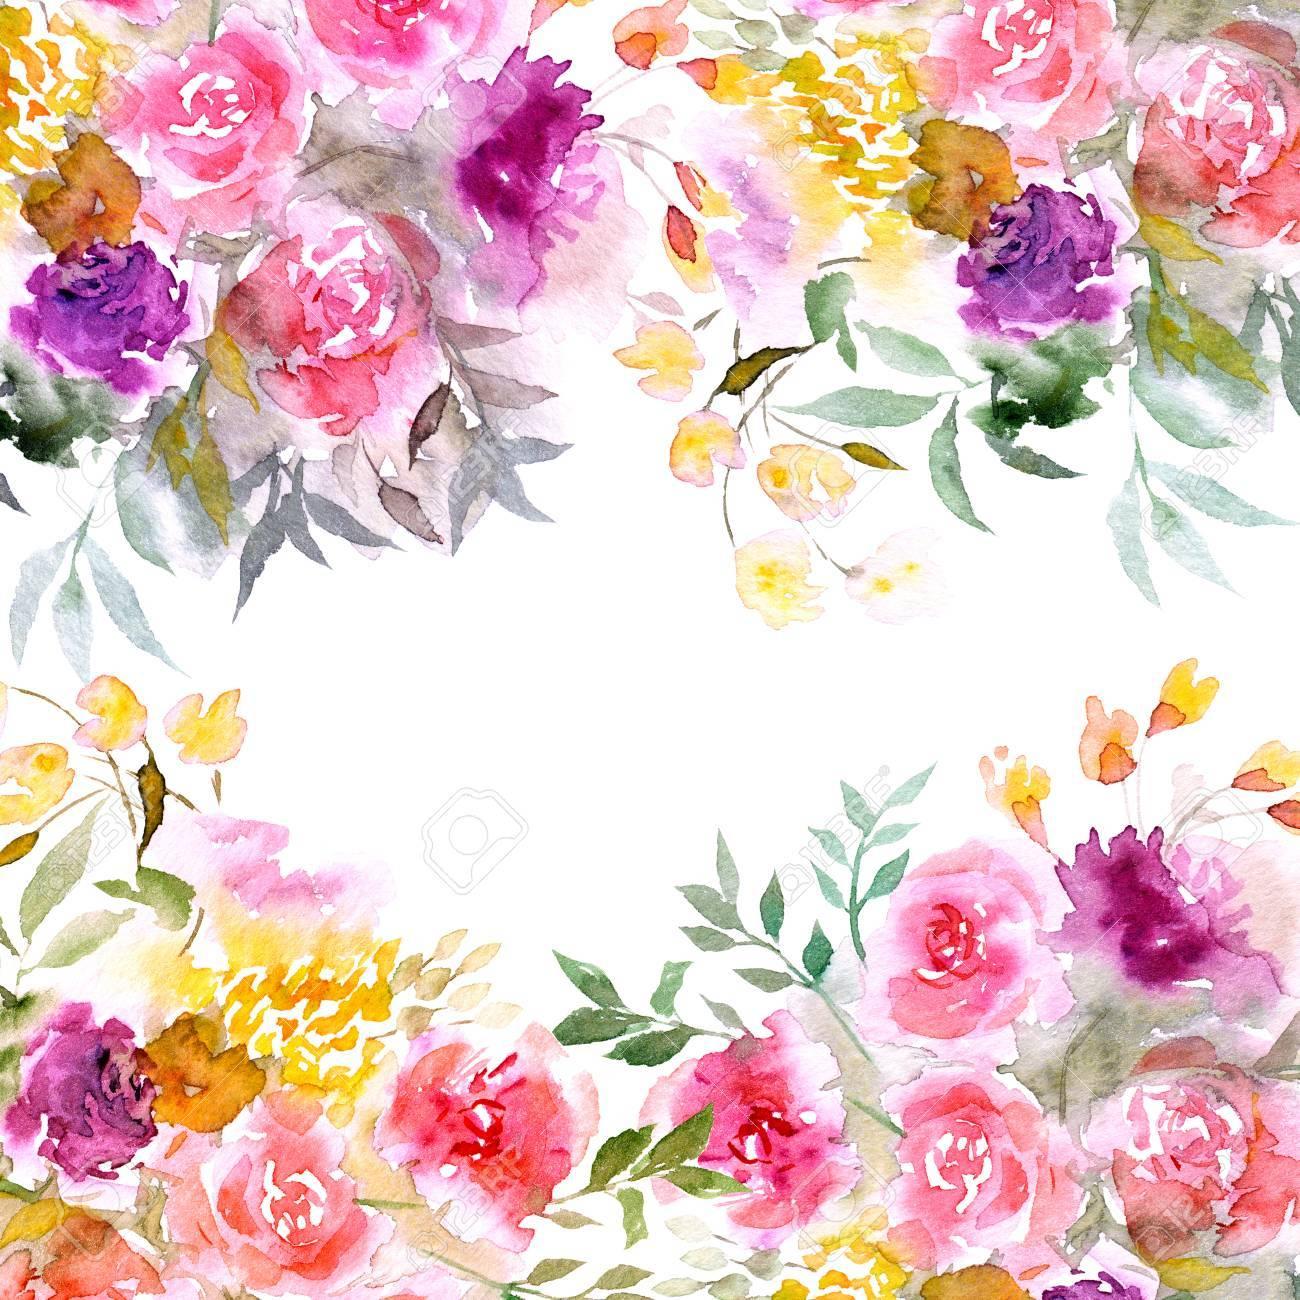 Fondo Floral Ramo Floral De Acuarela Tarjeta De Cumpleaños O Invitación De Boda Frontera Floral Marco Floral